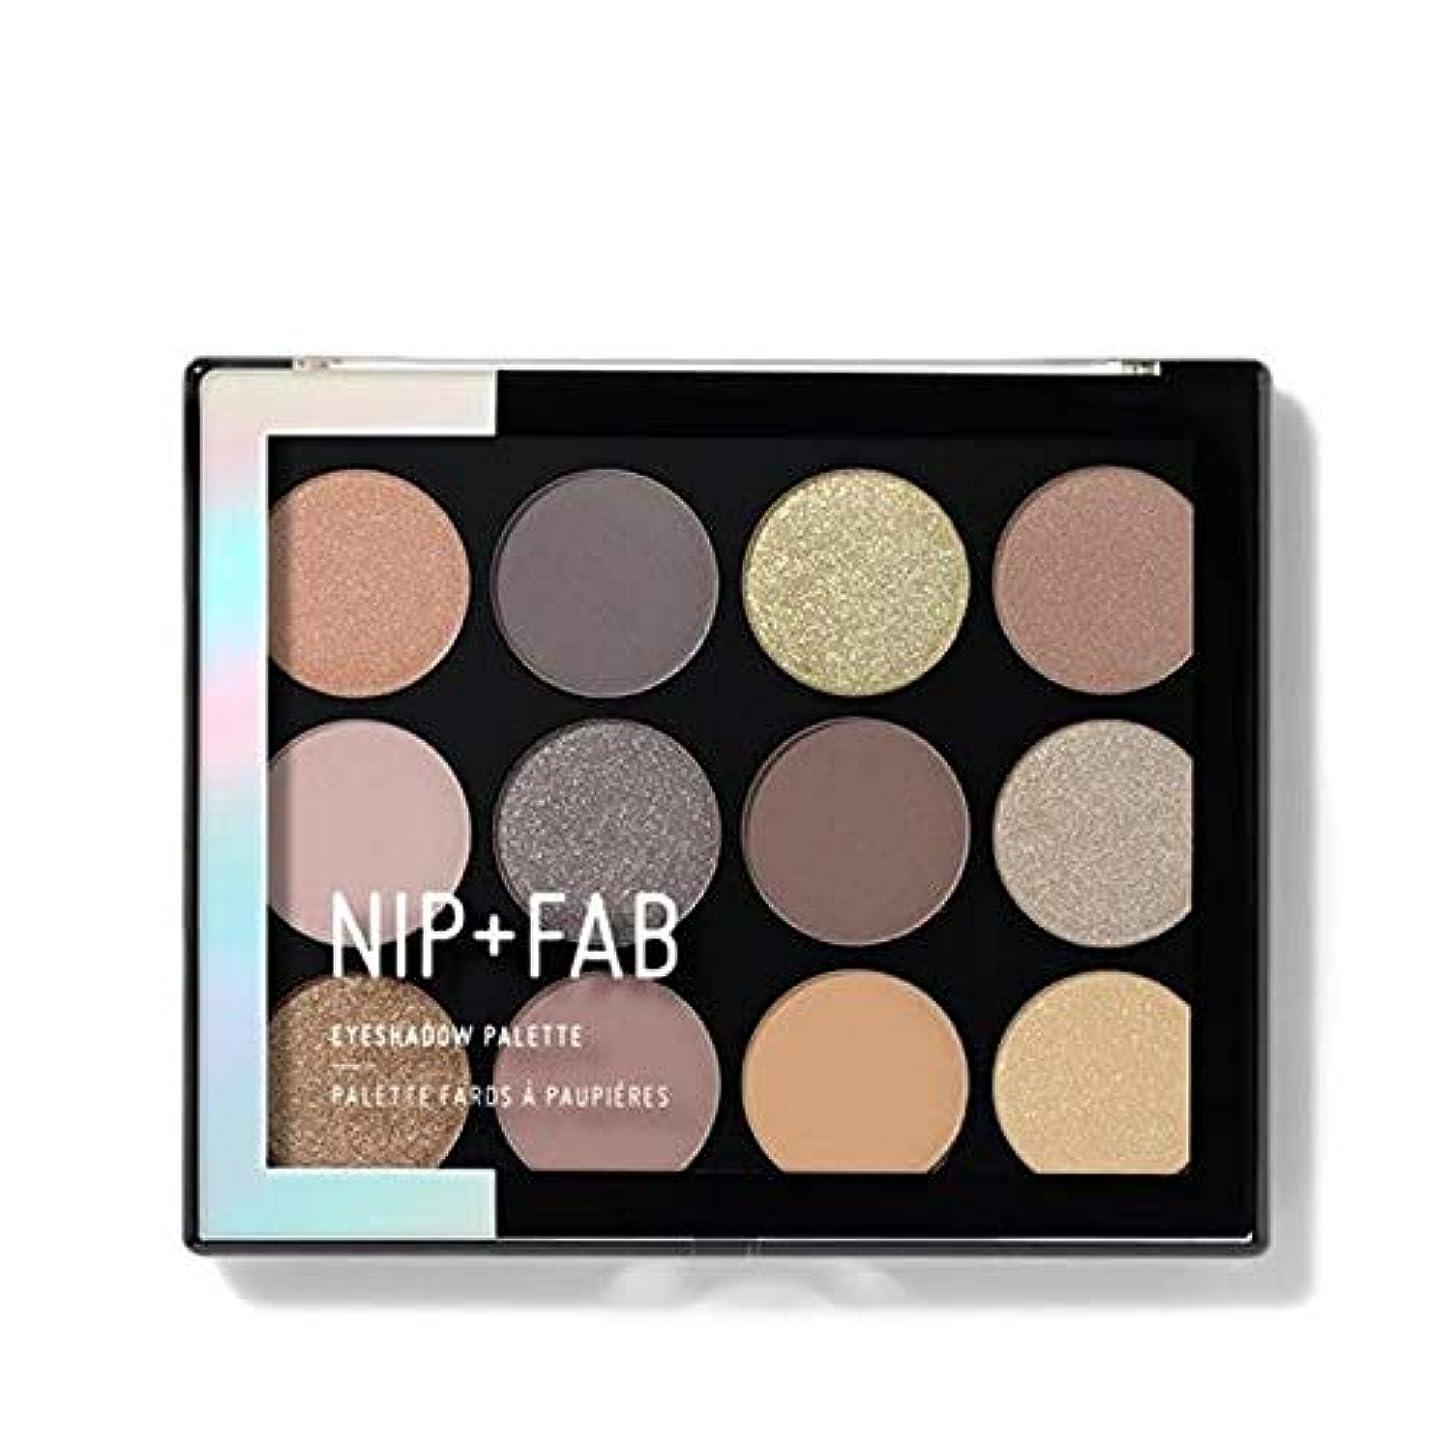 患者アシスタントスクラップ[Nip & Fab ] アイシャドウパレット12グラム穏やかグラム4を構成するFab +ニップ - NIP+FAB Make Up Eyeshadow Palette 12g Gentle Glam 4 [並行輸入品]